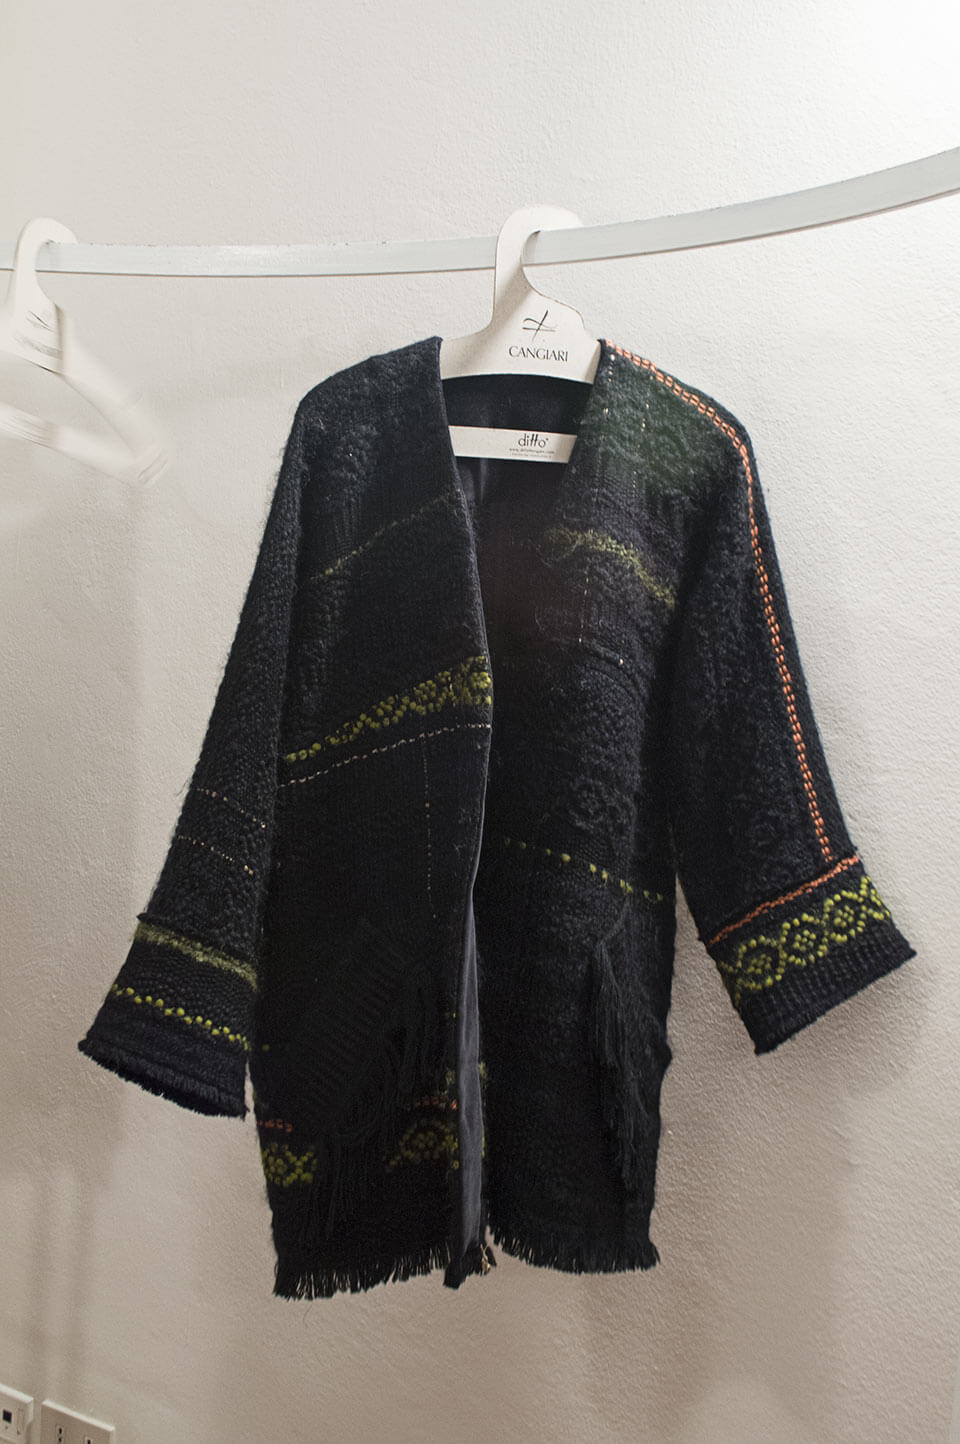 Kimono Cangiari